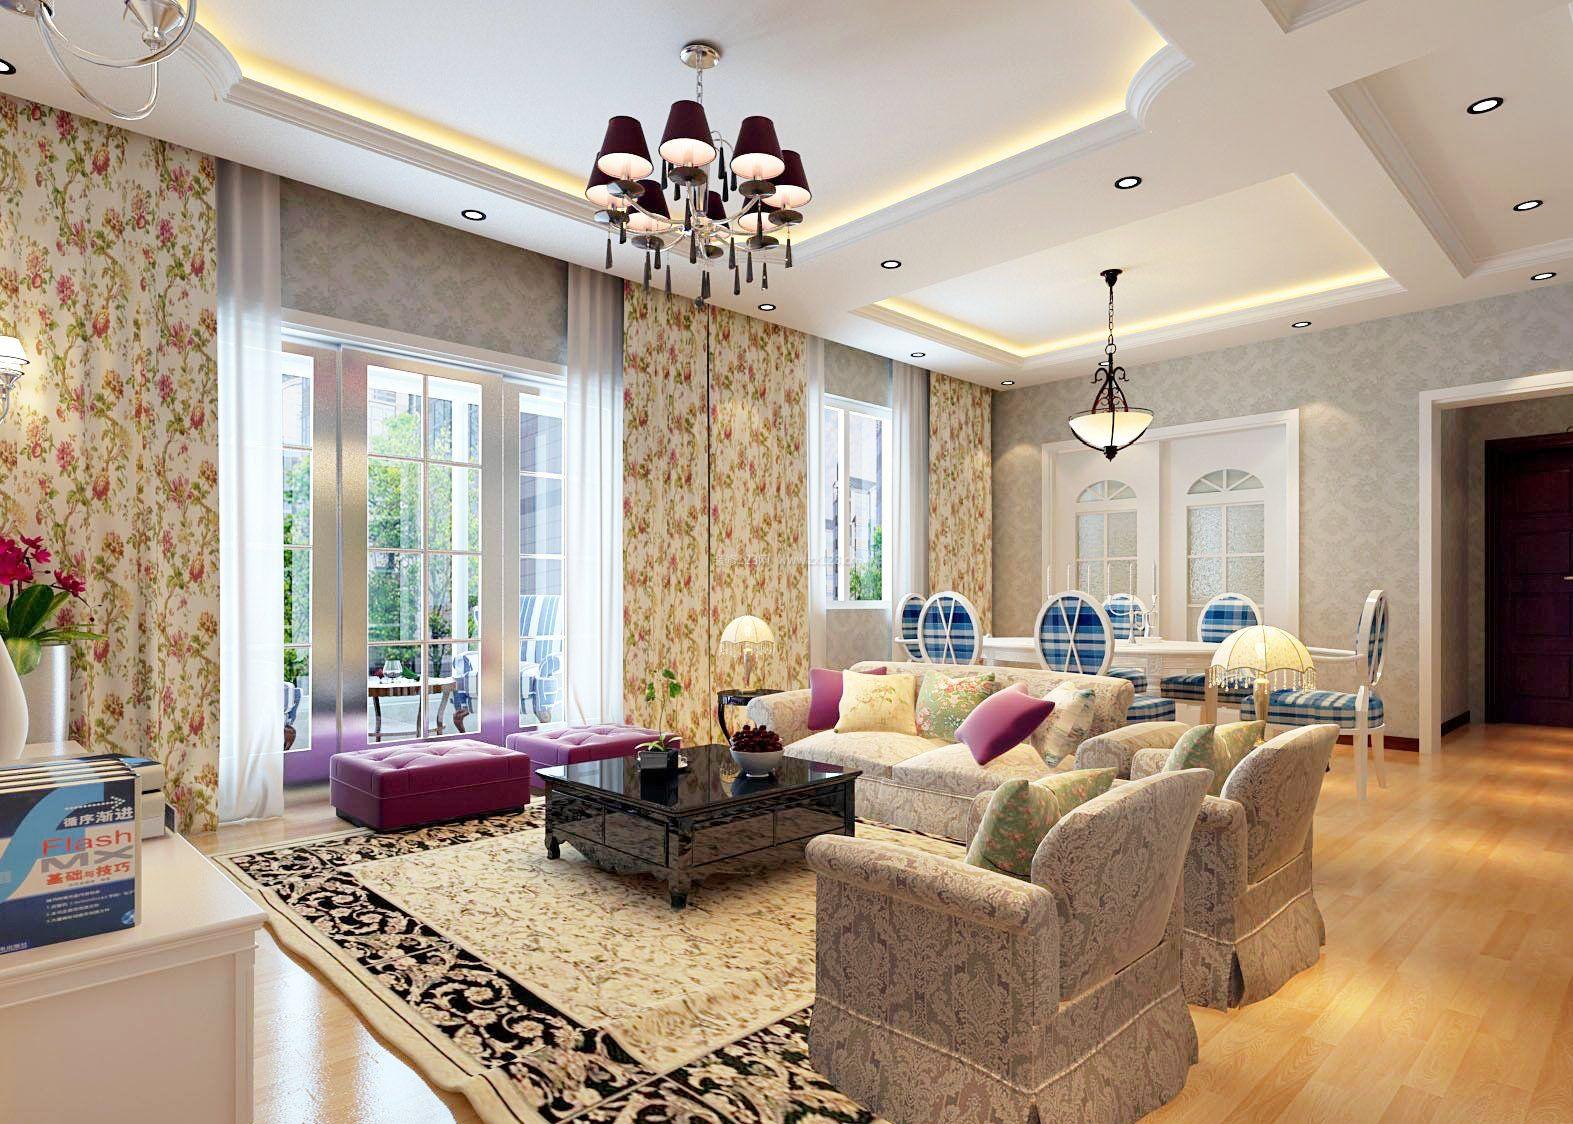 室内客厅设计图吊顶展示